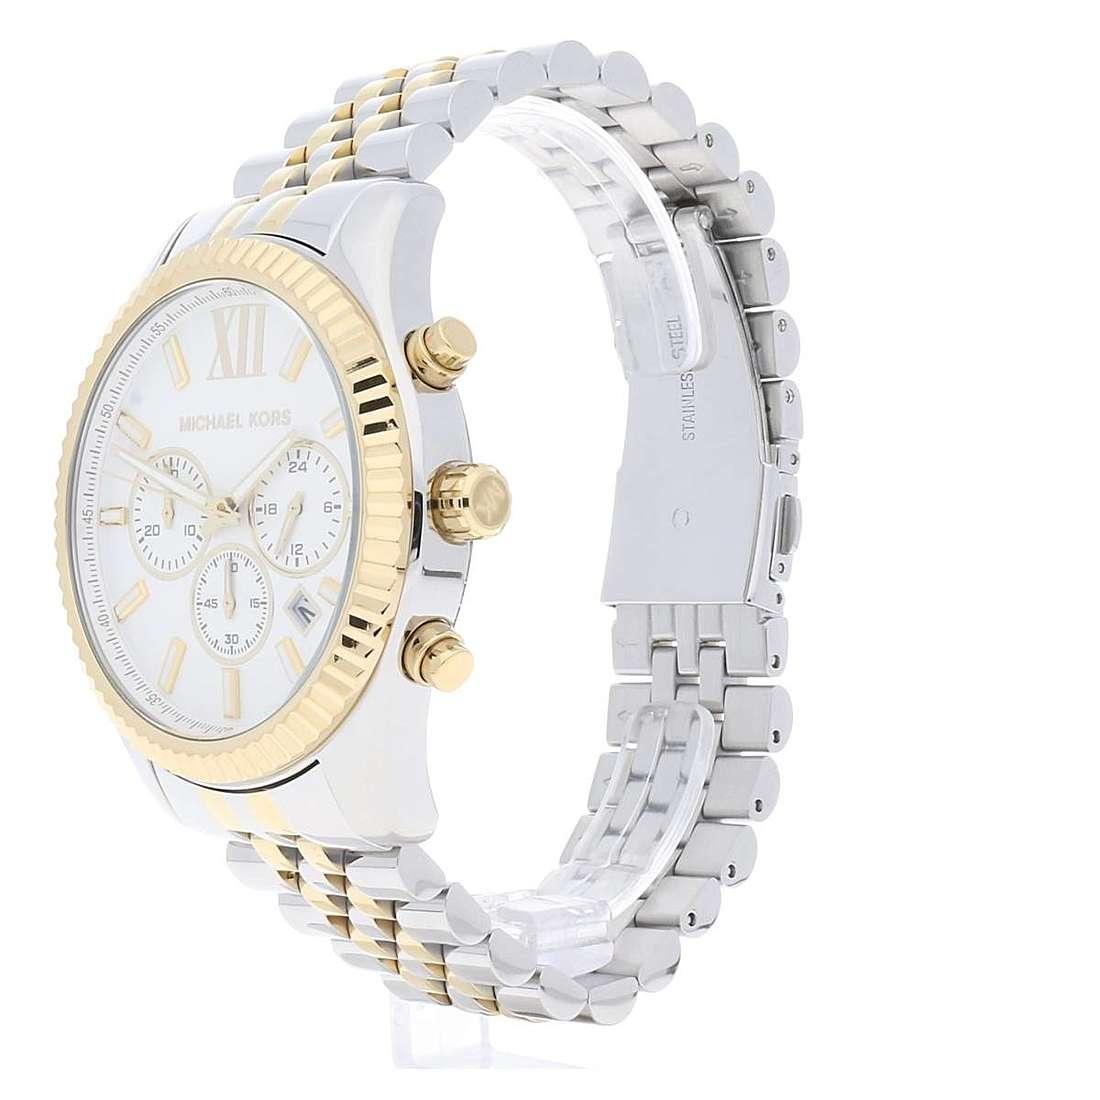 Michael Kors MK8344 orologio uomo al quarzo